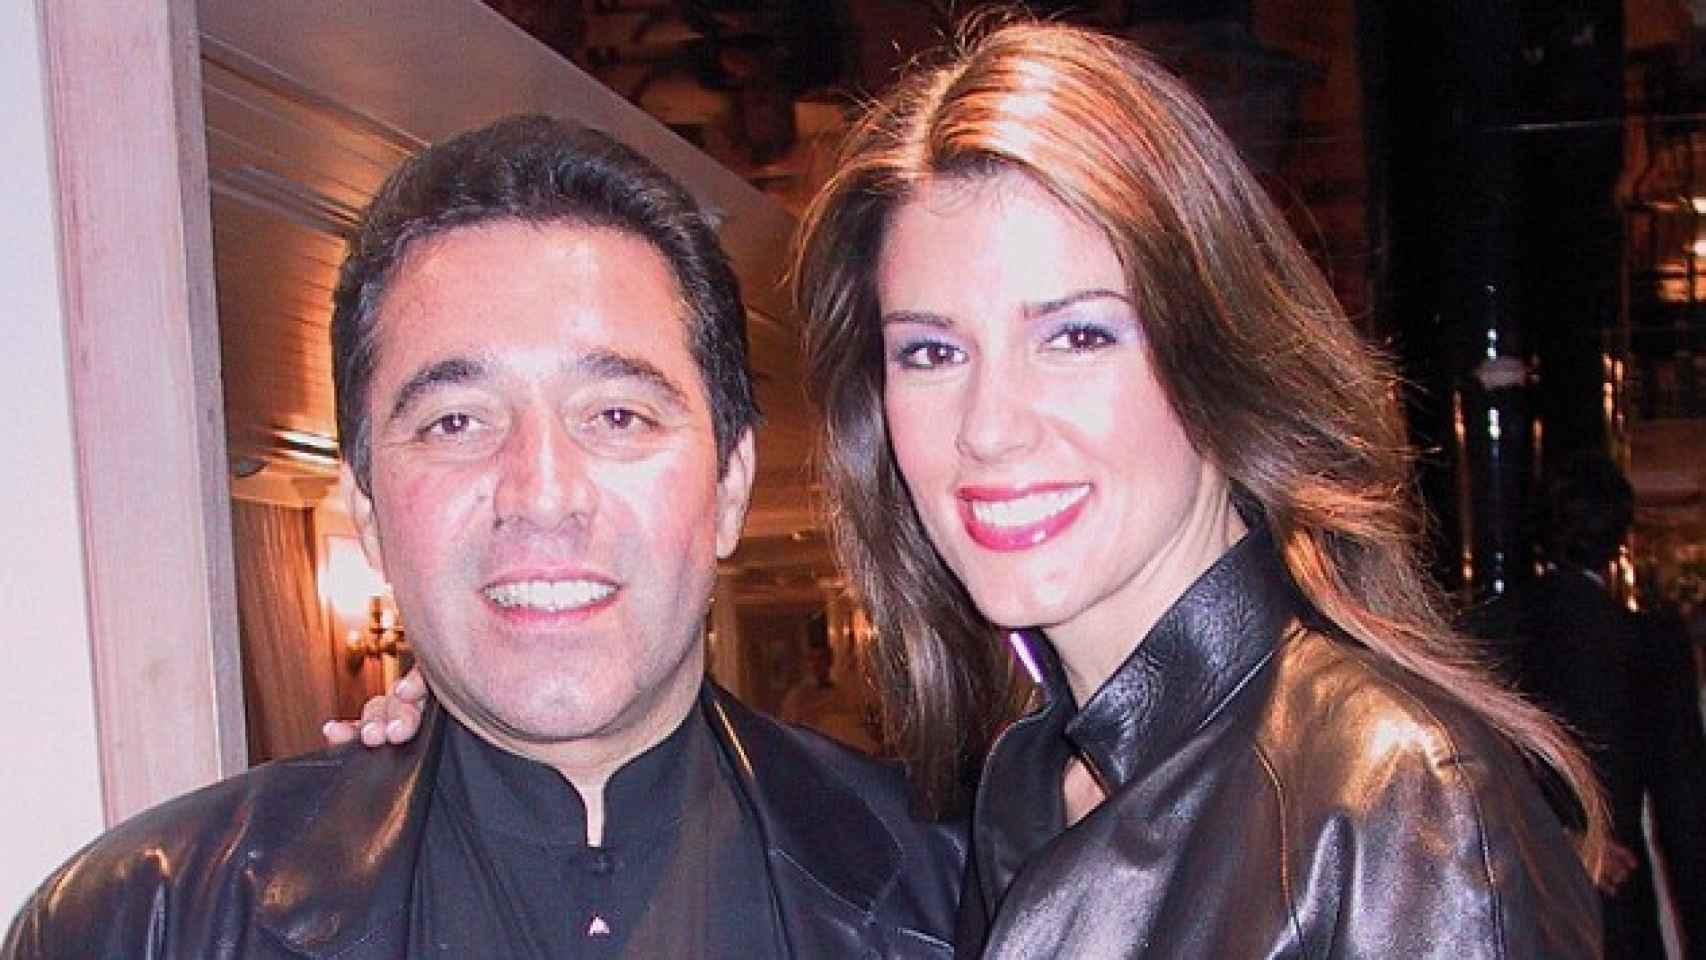 Christina Estrada y su ex marido, a la salida de una fiesta.